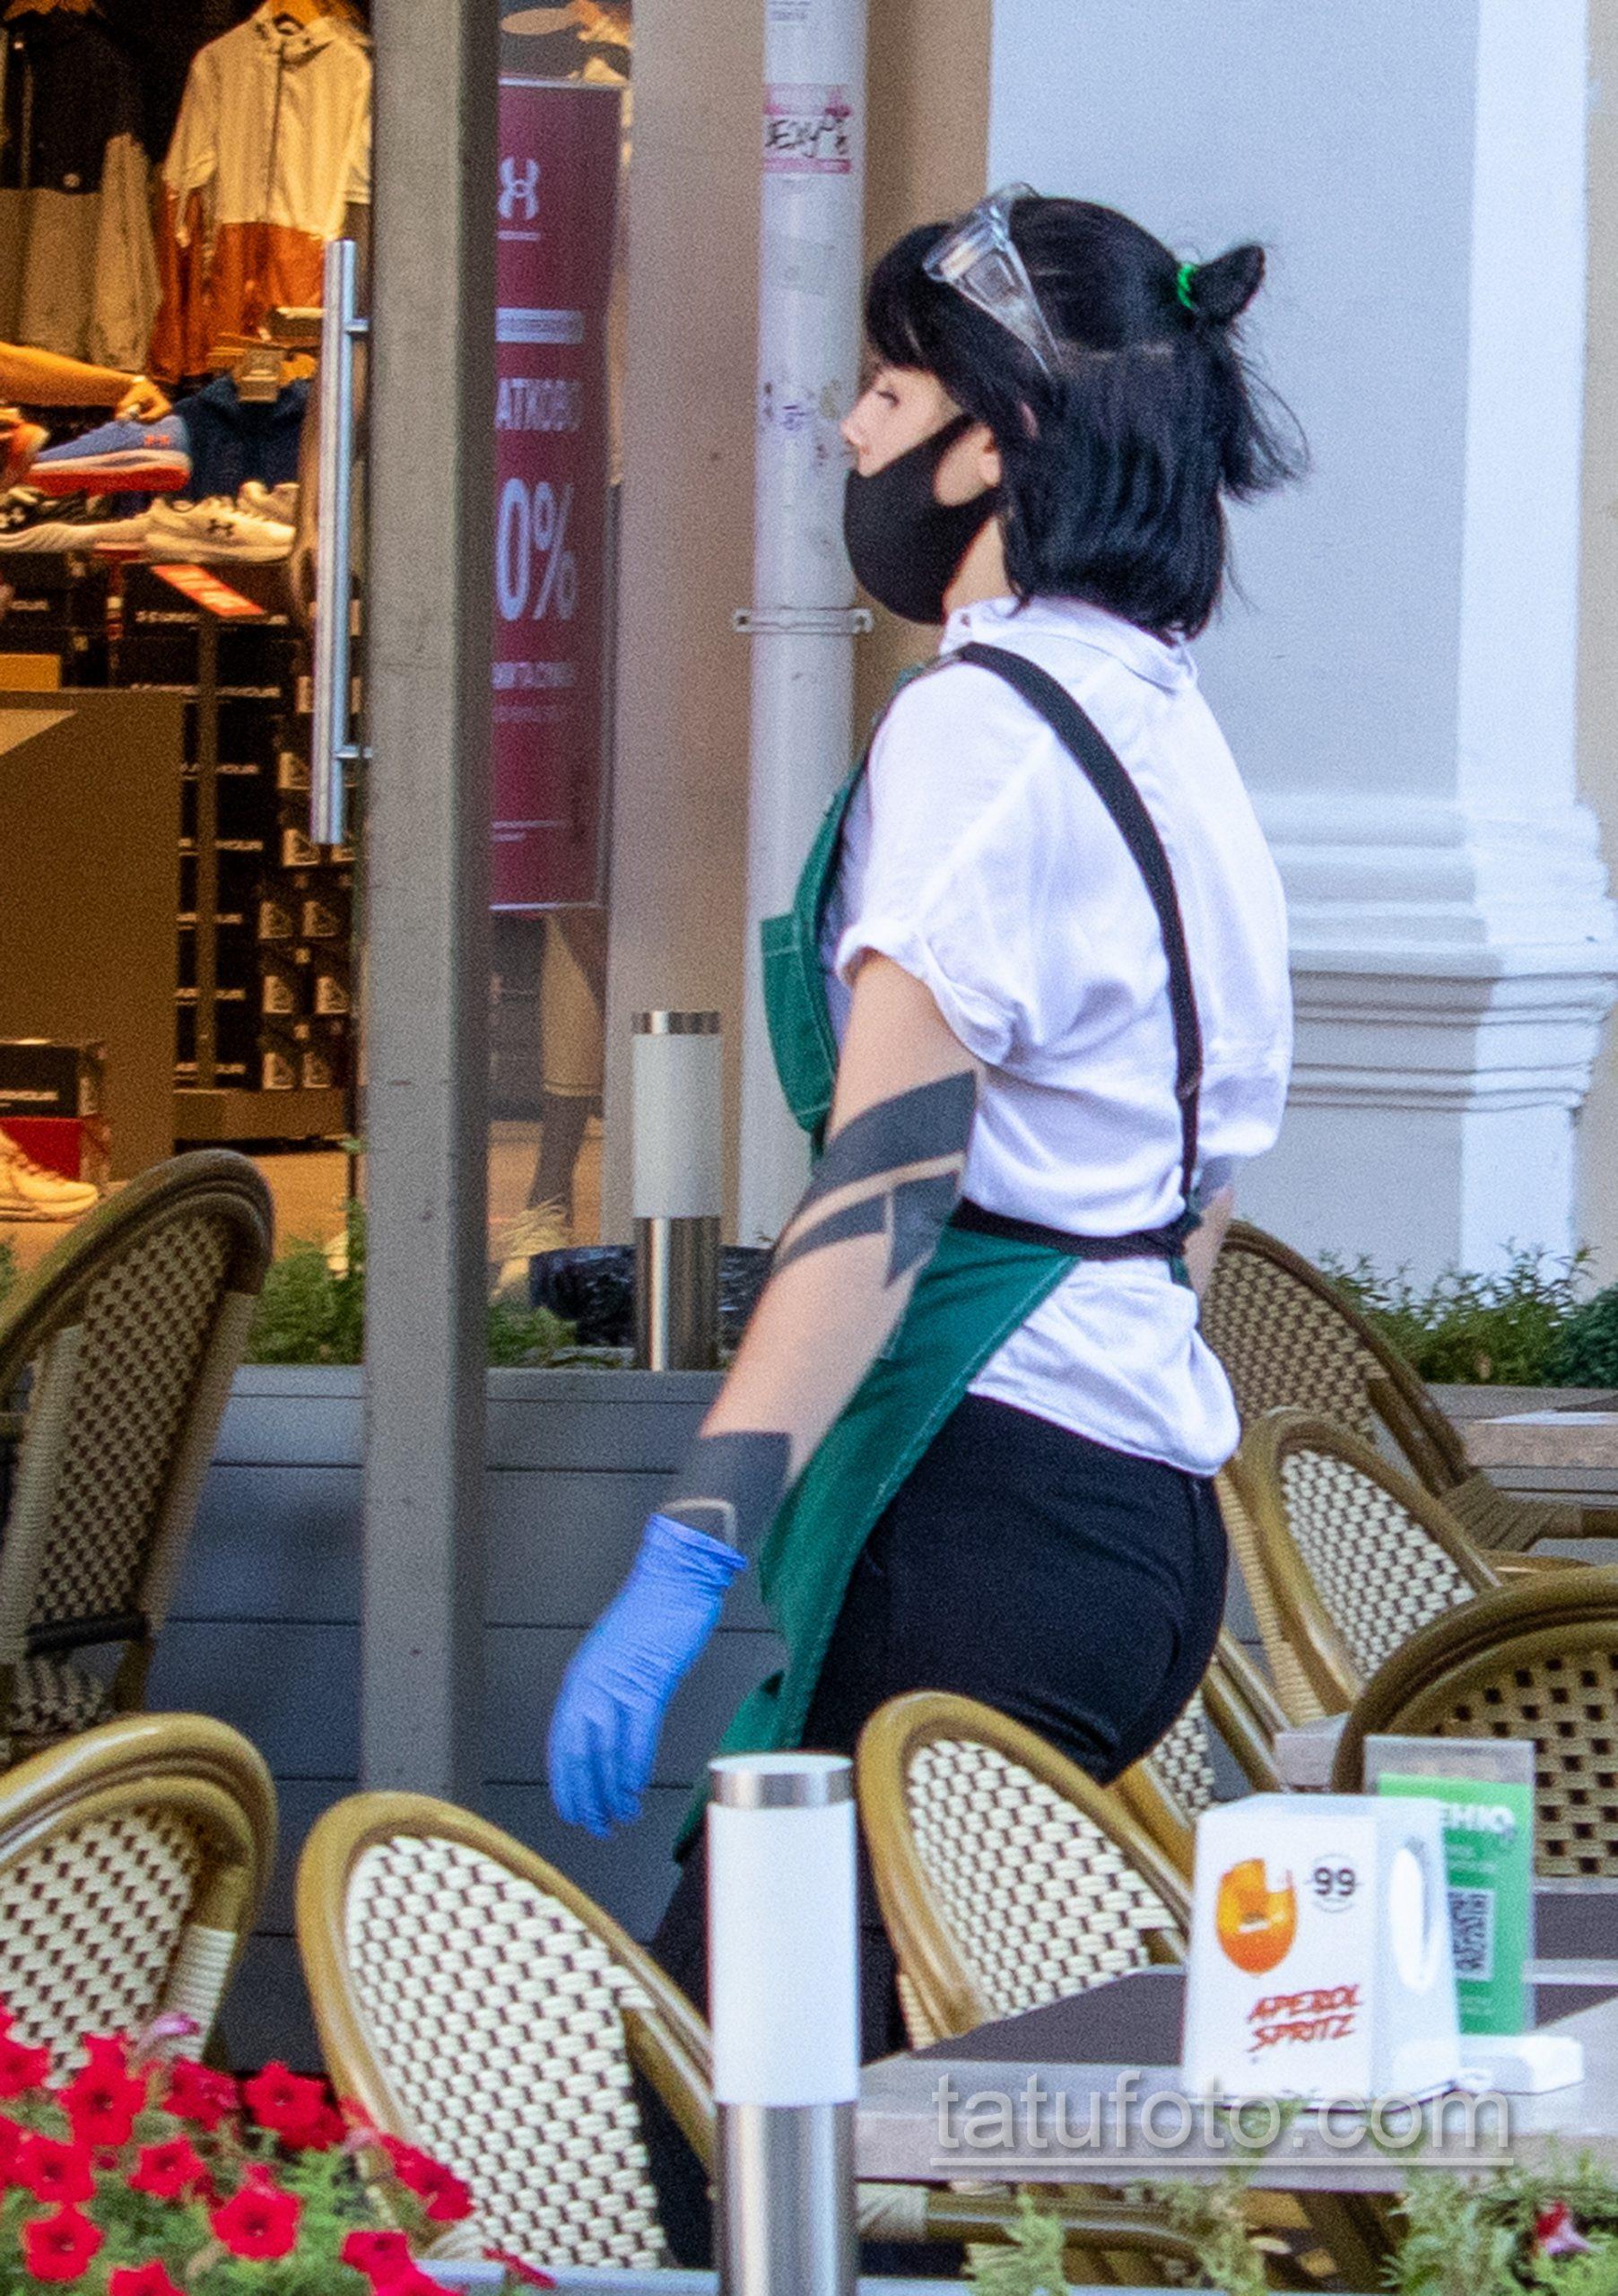 Фото блекворк татуировок на руке девушки официантки - Уличная татуировка 14.09.2020 – tatufoto.com 5